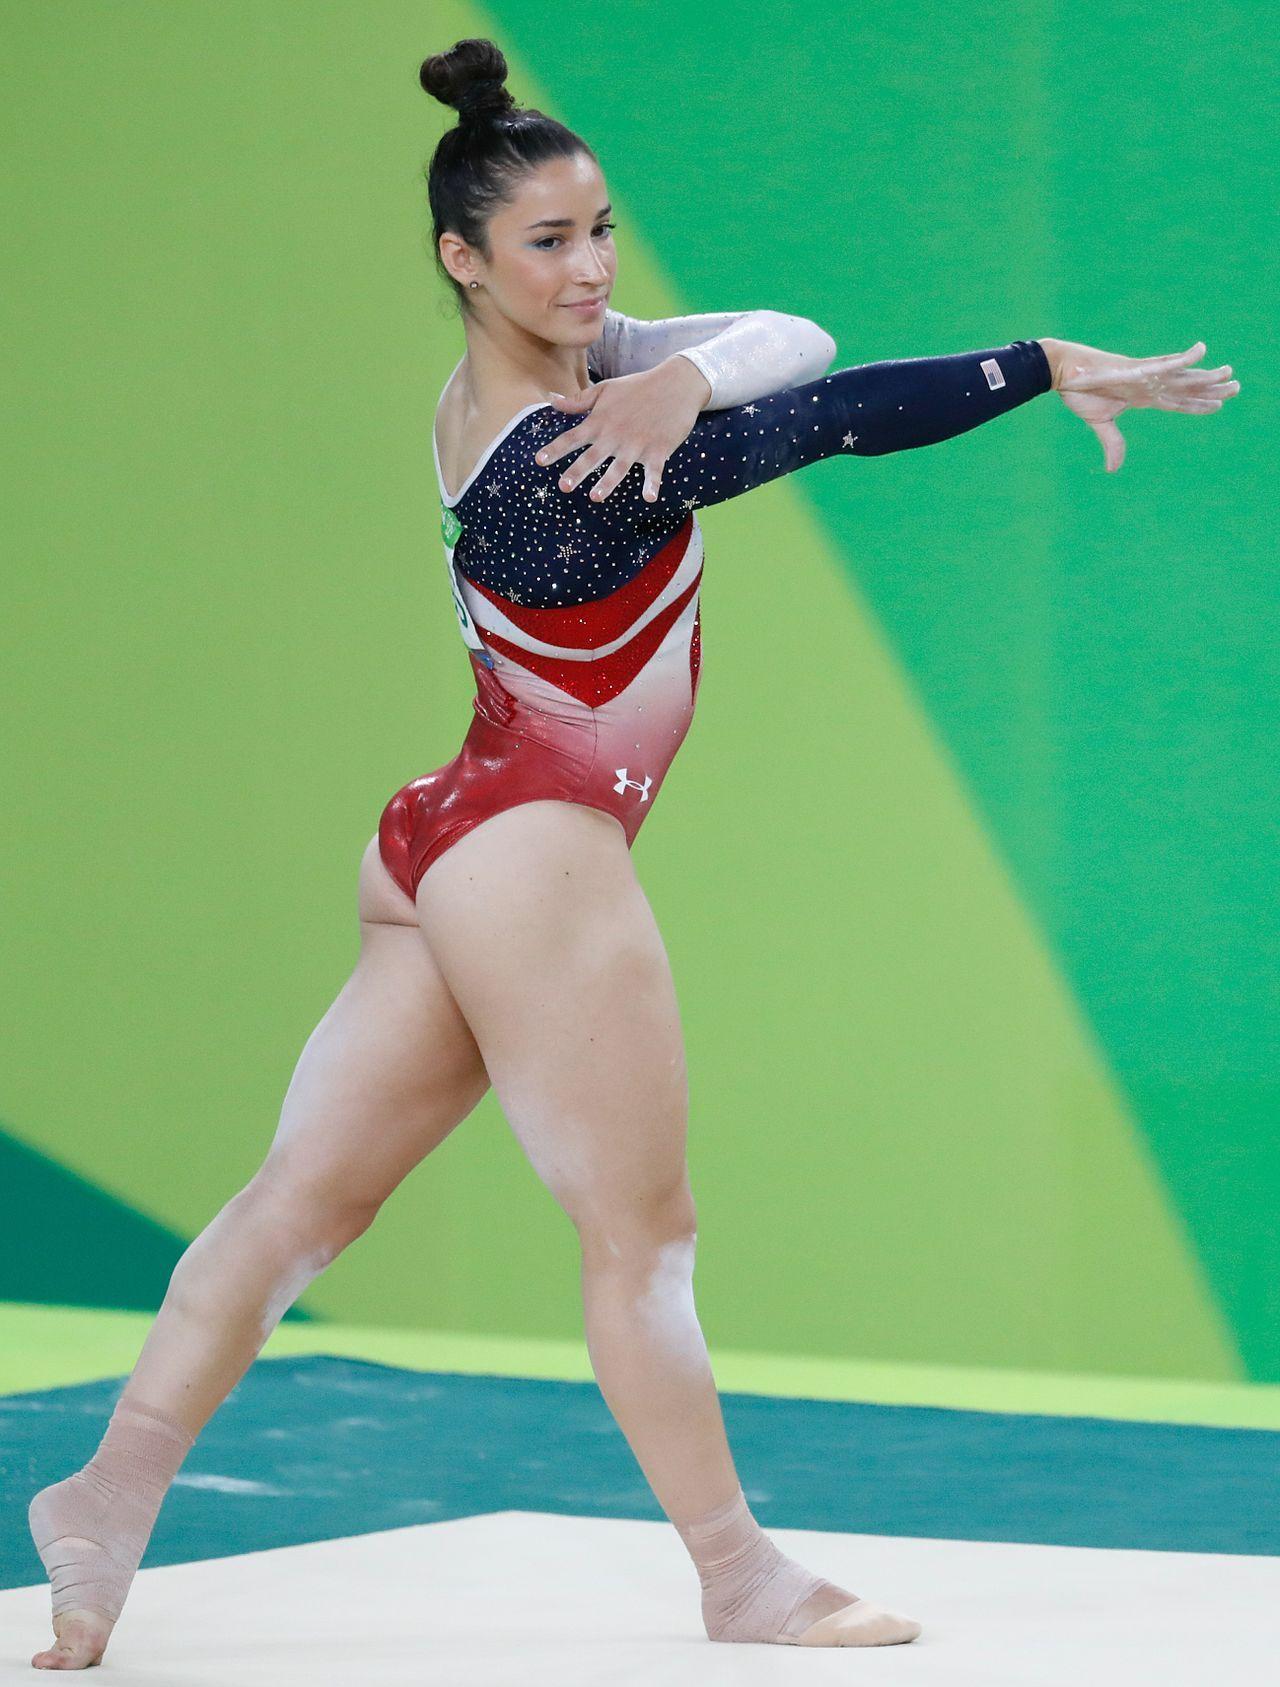 Sexy gymnast booty